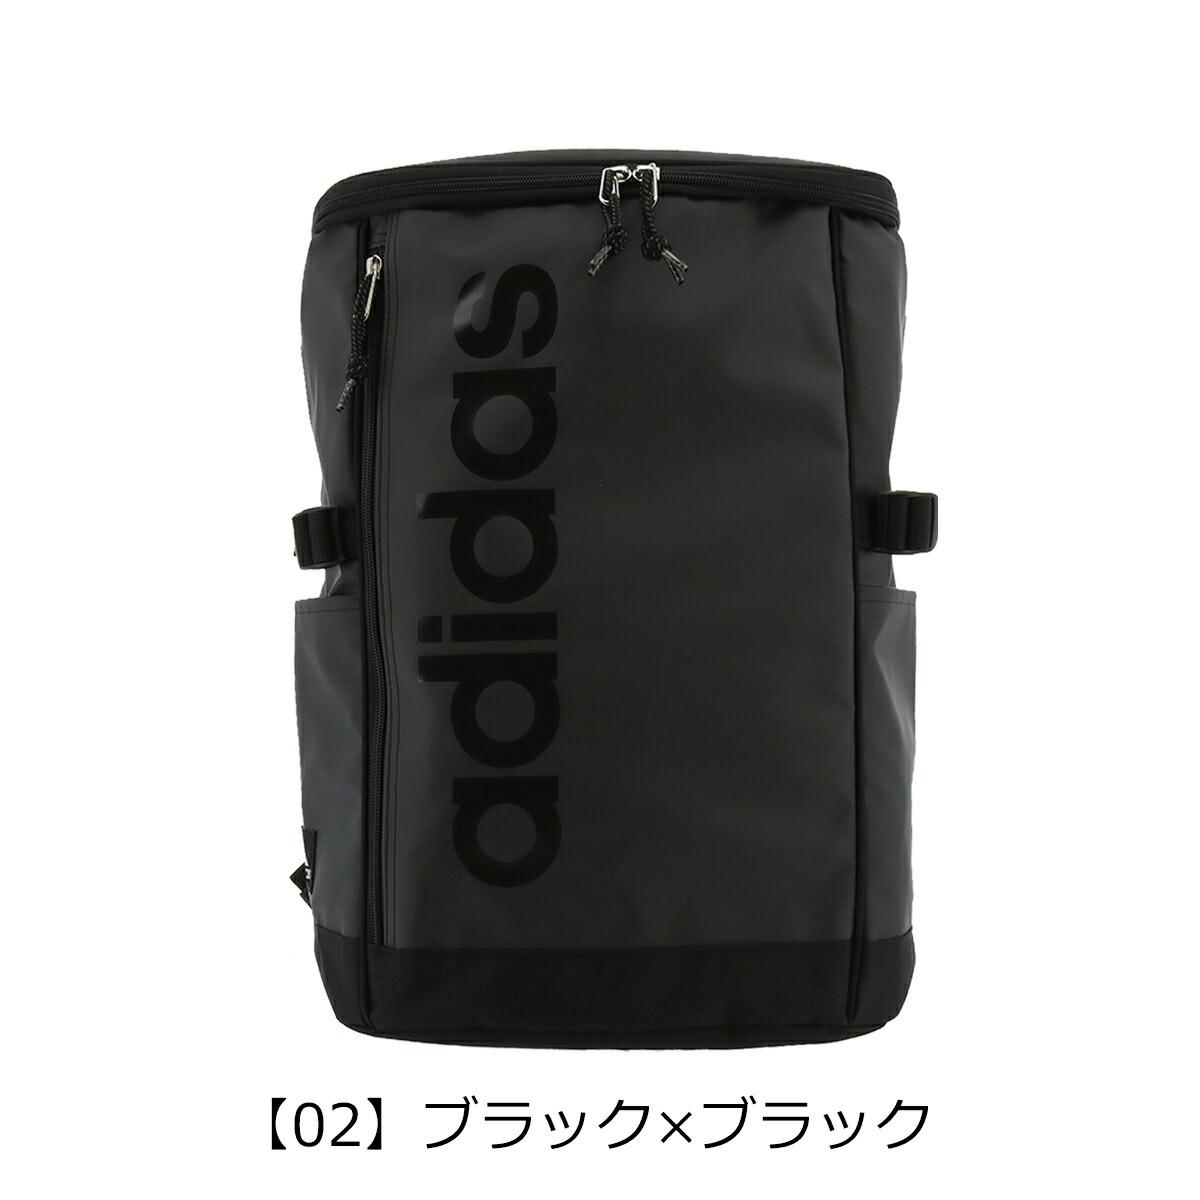 【02】ブラック×ブラック